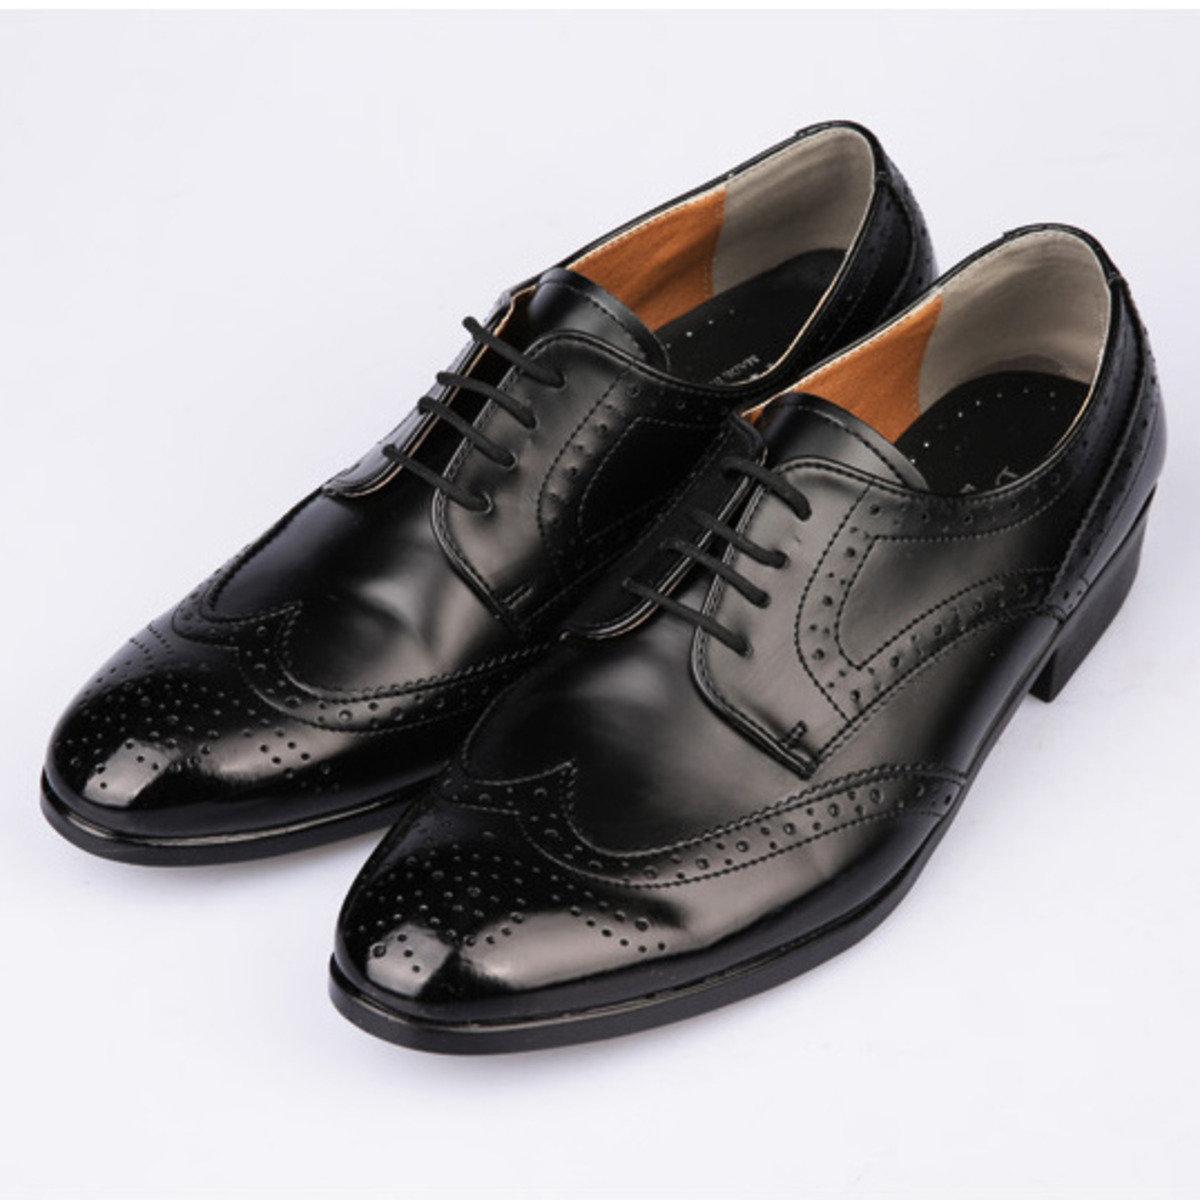 圓頭翼紋牛津皮鞋_SH4_160201287